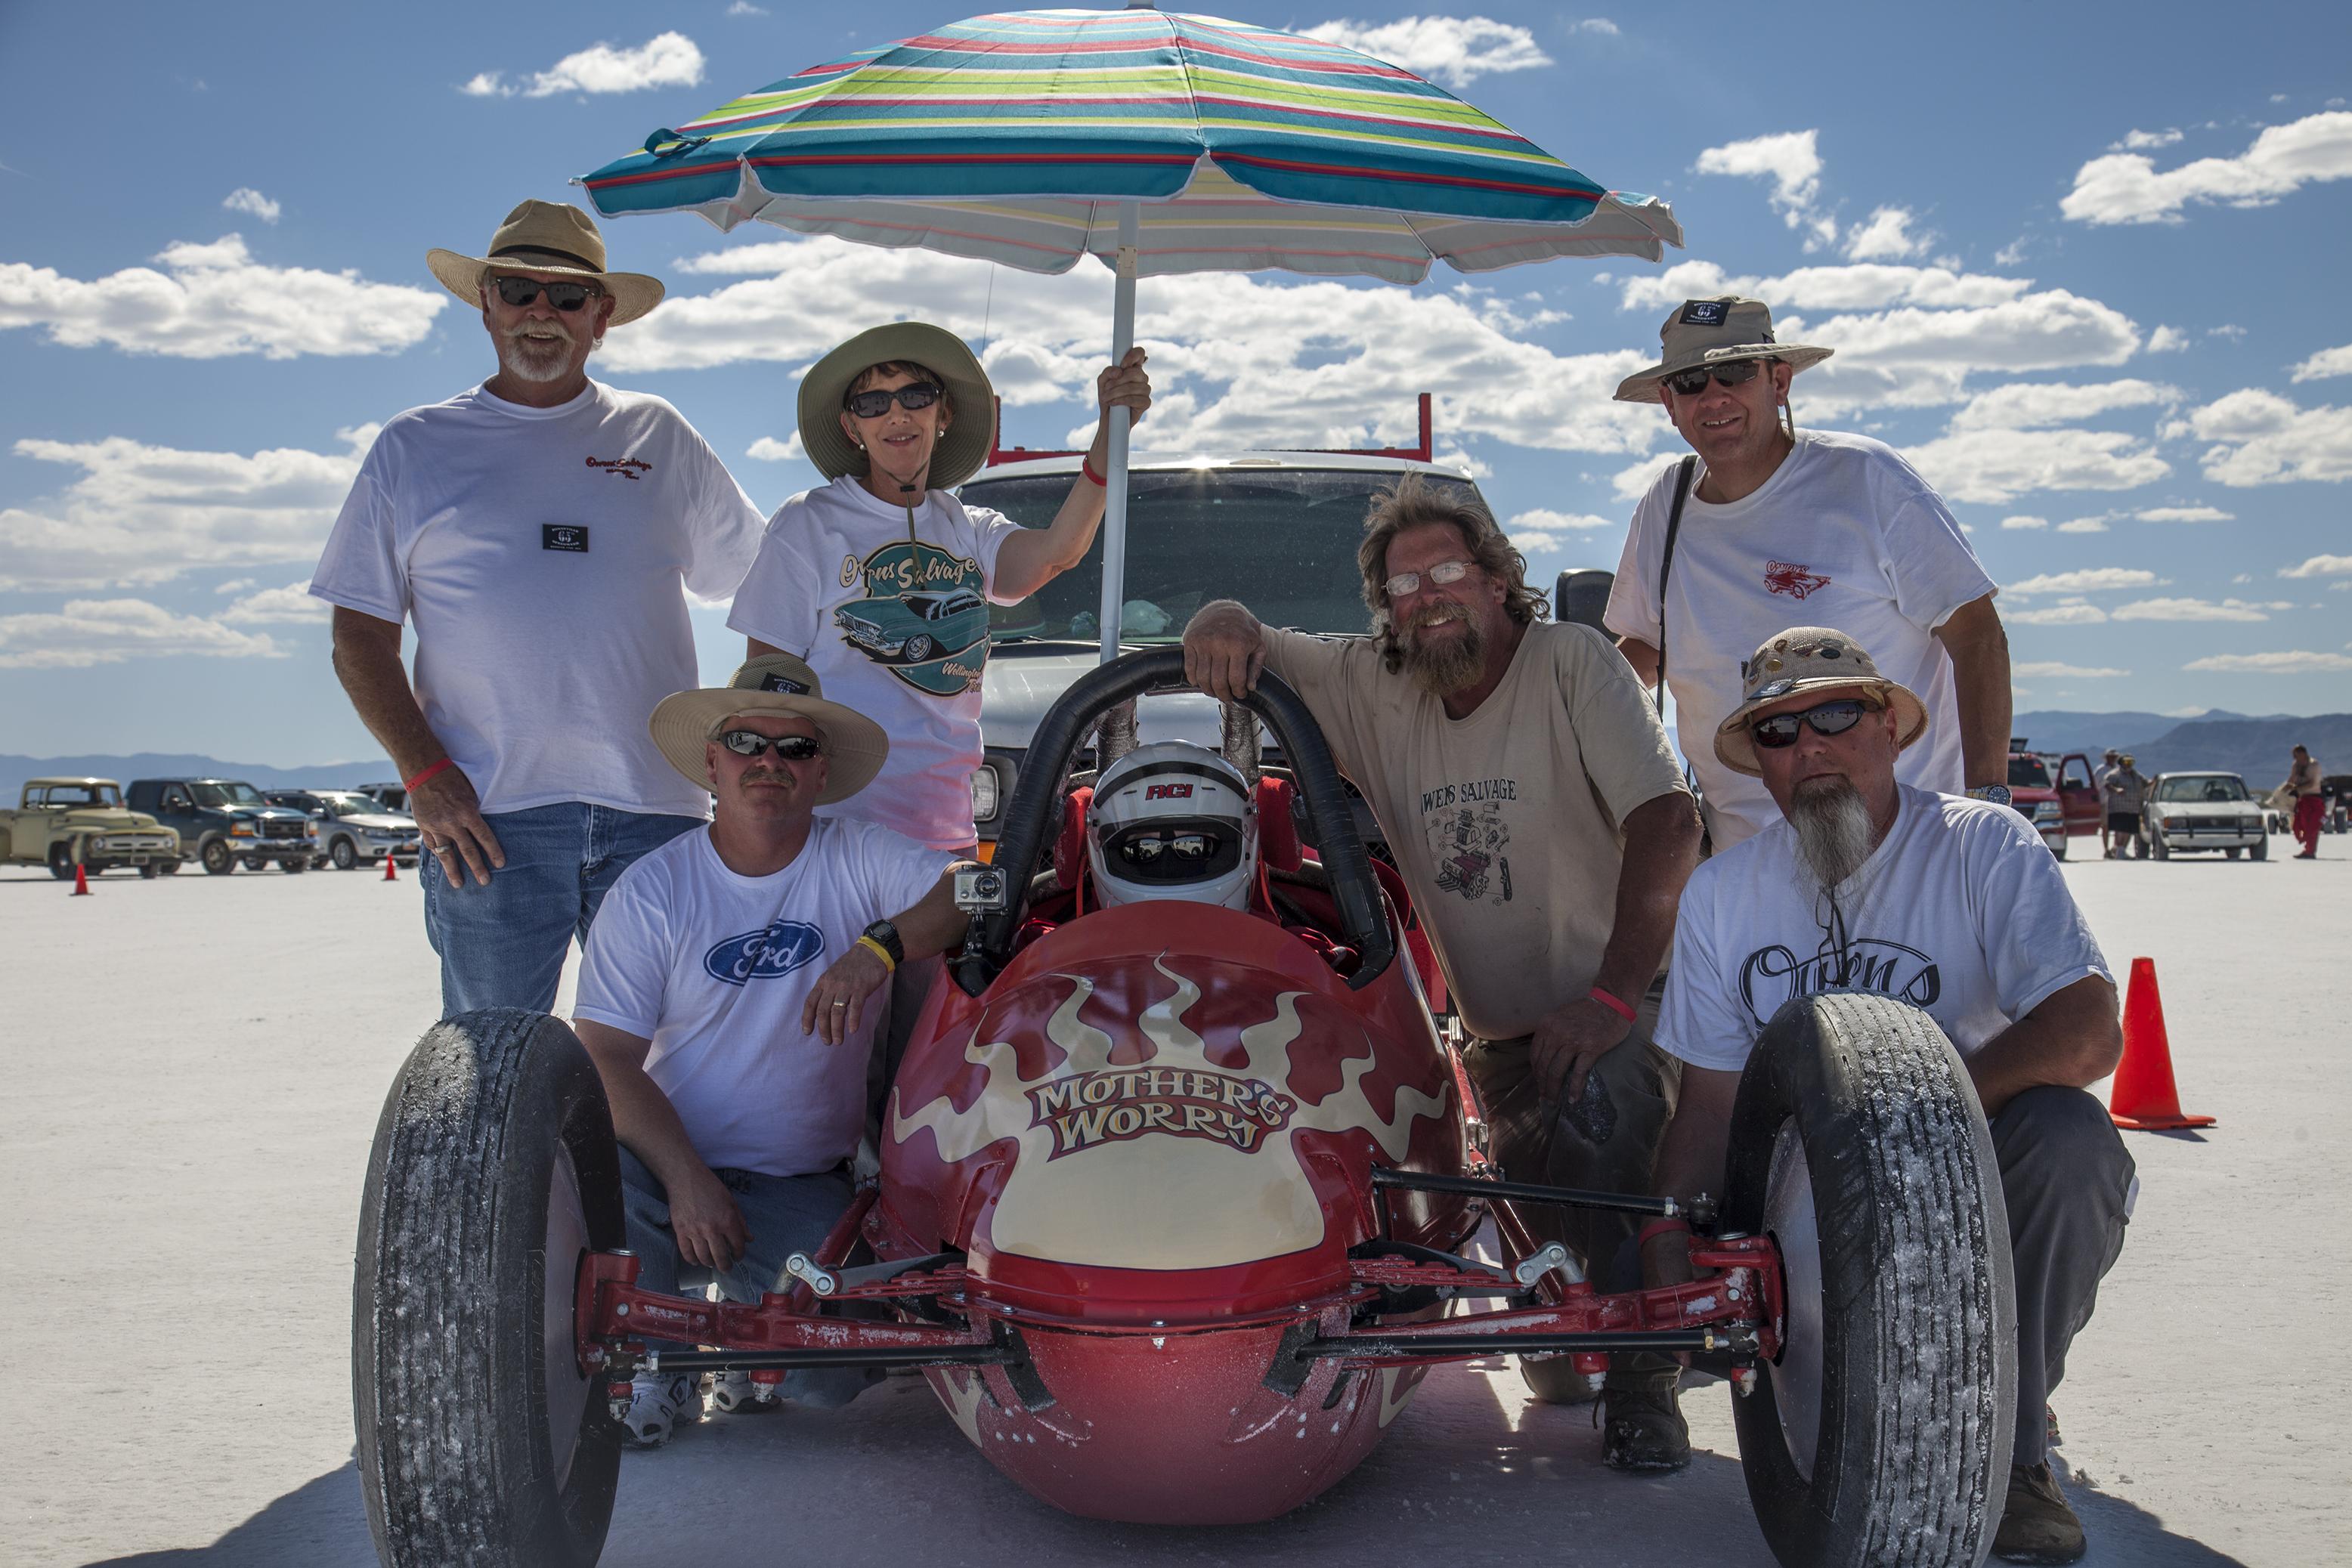 2013 Bonneville Crew